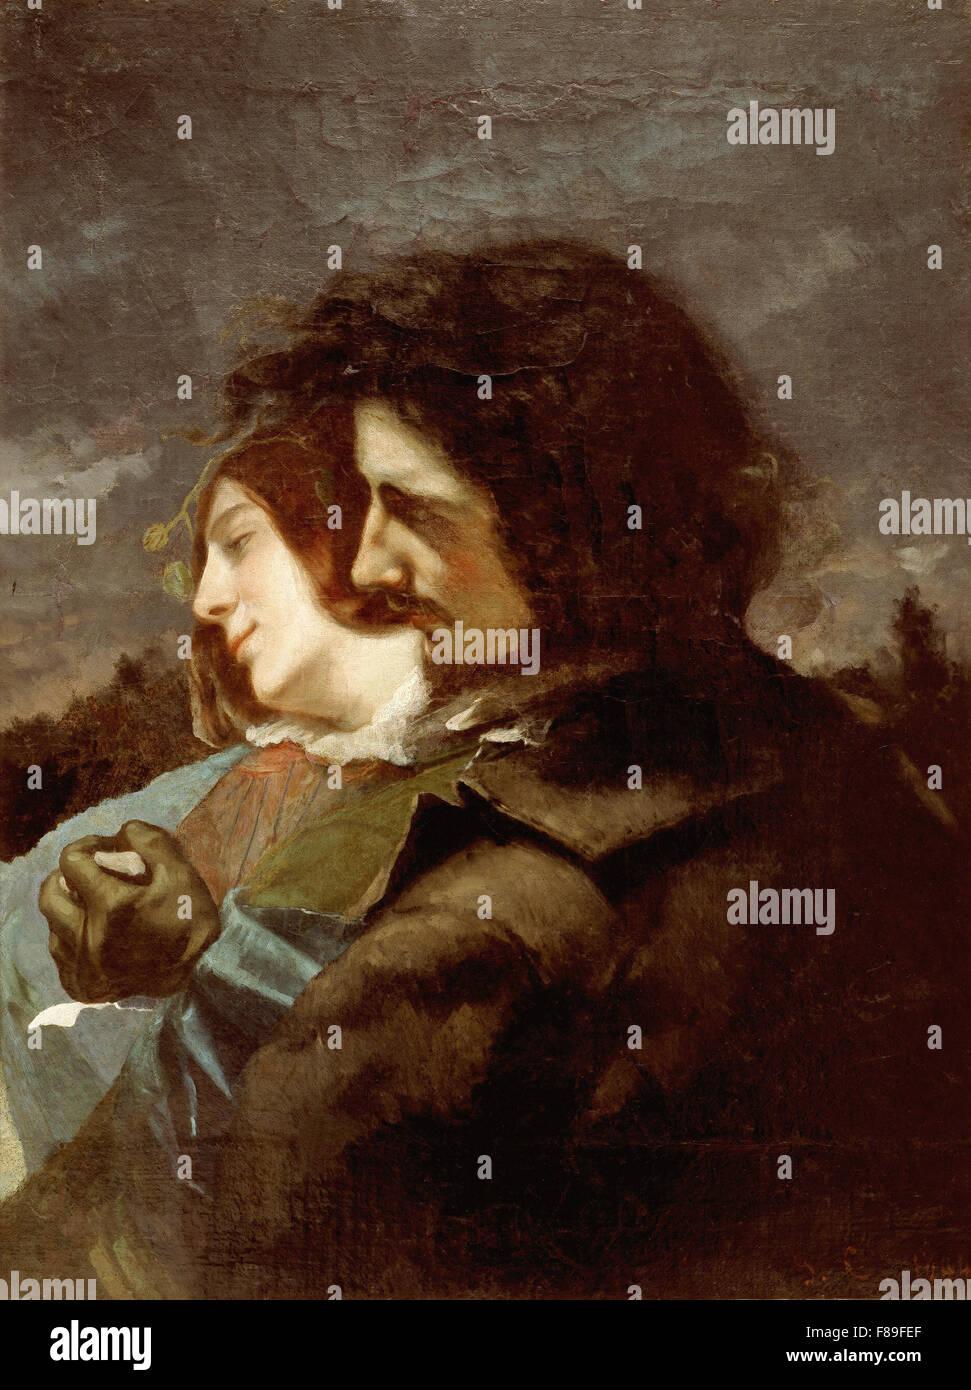 Gustave Courbet - amateurs dans le pays Photo Stock